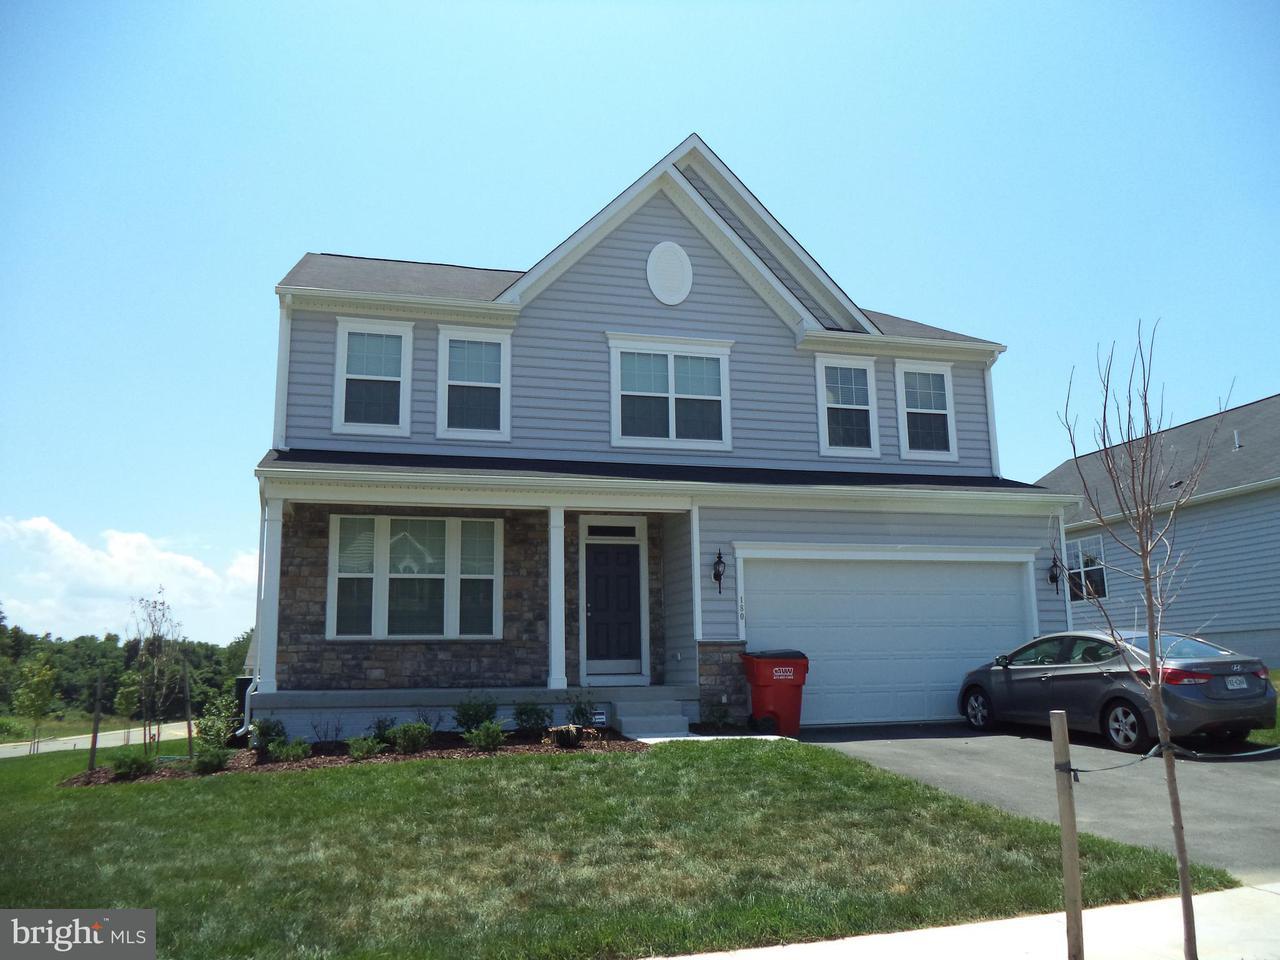 Einfamilienhaus für Verkauf beim OVERBROOK DRIVE OVERBROOK DRIVE Ranson, West Virginia 25438 Vereinigte Staaten